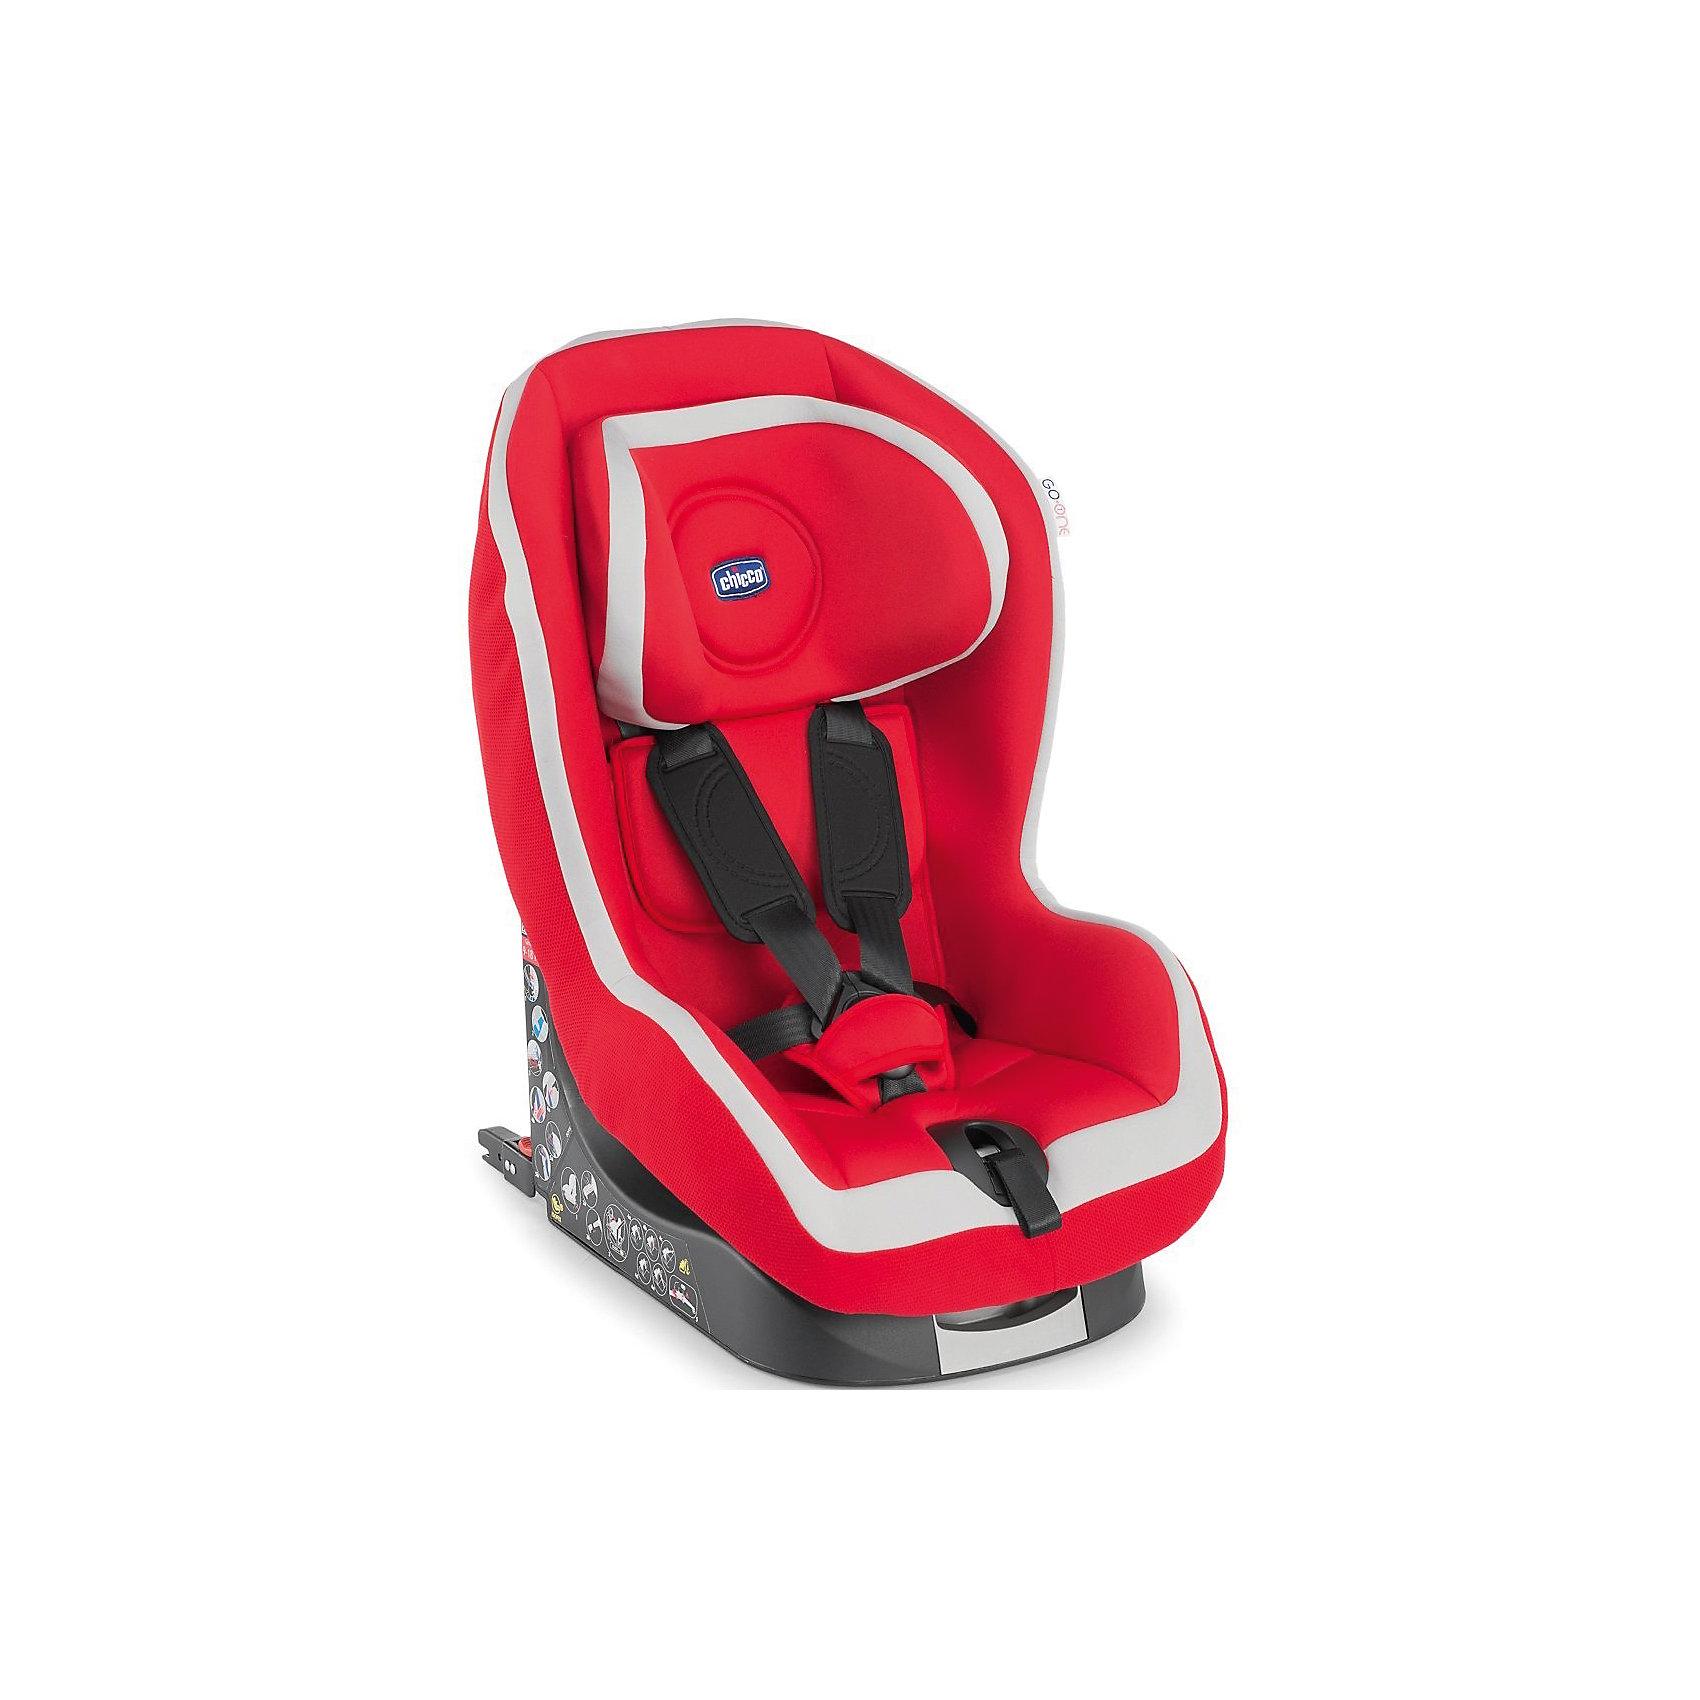 Автокресло Go-One isofix, 9-18 кг., CHICCO, красныйАвтокресло предназначено для перевозки детей от 1 года до 4 лет в автомобиле. <br>Безопасность при движении обеспечивает противоударная конструкция с прослойкой, которая минимизирует силу удара. В автокресло встроен собственный ремень безопасности TopTether, который имеет единую систему натяжения и регулируется по росту ребенка. У подголовника автокресла 6 позиций, установить в одну из них можно легко, одним движением, благодаря эксклюзивной системе безопасности. Сидение удобное, широкое и комфортное, имеет 5 разных положений. Мягкая обивка чехла выполнена из качественных дышащих тканей. Новые очень крепкие плечевые ремни не скручиваются, что обеспечит малышу необходимый комфорт. Чехол съёмный, его можно стирать без задействования ремней, что позволит сэкономить время и предупреждает риск последующей неправильной установки ремней.<br>Система Isofix позволяет установить детское автокресло в машину, не используя штатные ремни безопасности автомобиля.<br><br>Особенности:<br>- Предназначено для детей от 9 до 18 кг (примерно от 1 года до 4 лет).<br>- 2 способа крепления - штатным автомобильным ремнем и при помощи системы Isofix.<br>- Установка по ходу движения<br>- Прочная конструкция.<br>- Массивная пластиковая платформа со спинкой.<br>- Якорный ремень Top Tether.<br>- Направляющие для штатного ремня.<br>- Глубокие боковины.<br>- 5 положений ложа по наклону.<br>- Внутренний регулируемый подголовник (6 положений).<br>- 5-точечный ремень безопасности с плечевыми накладками.<br>- Автоматическое изменение высоты ремней безопасности.<br>- При регулировке подголовника возможность снятия чехлов без демонтажа ремней безопасности.<br>- чехлы можно стирать при 30С<br>- соответствует нормам ECE R44/04<br><br>Дополнительная информация:<br><br>- Цвет: Красный.<br>- Вес ребенка: до 18 кг.<br>- Материал: пластик, полиэстер.<br>- Параметры: 41х67х49 см.<br>- Вес в упаковке: 14,5 кг.<br><br>Купить  автокресло Go-One Isofix CHICCO, в кра